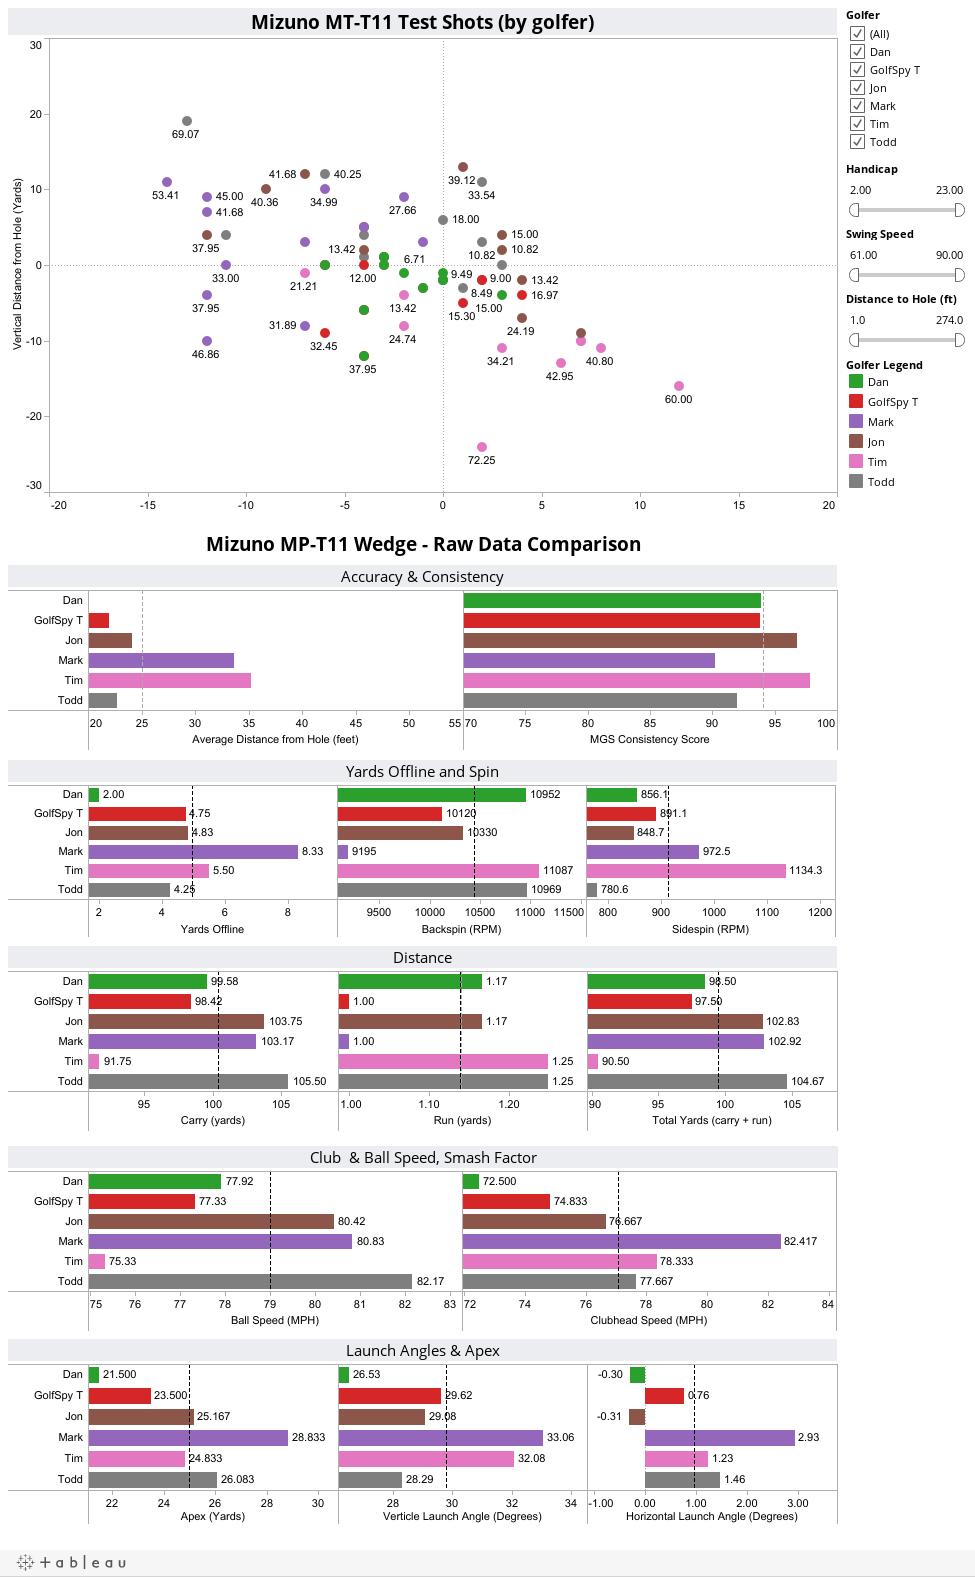 Mizuno MP-T11 Wedge - Raw Data Comparison